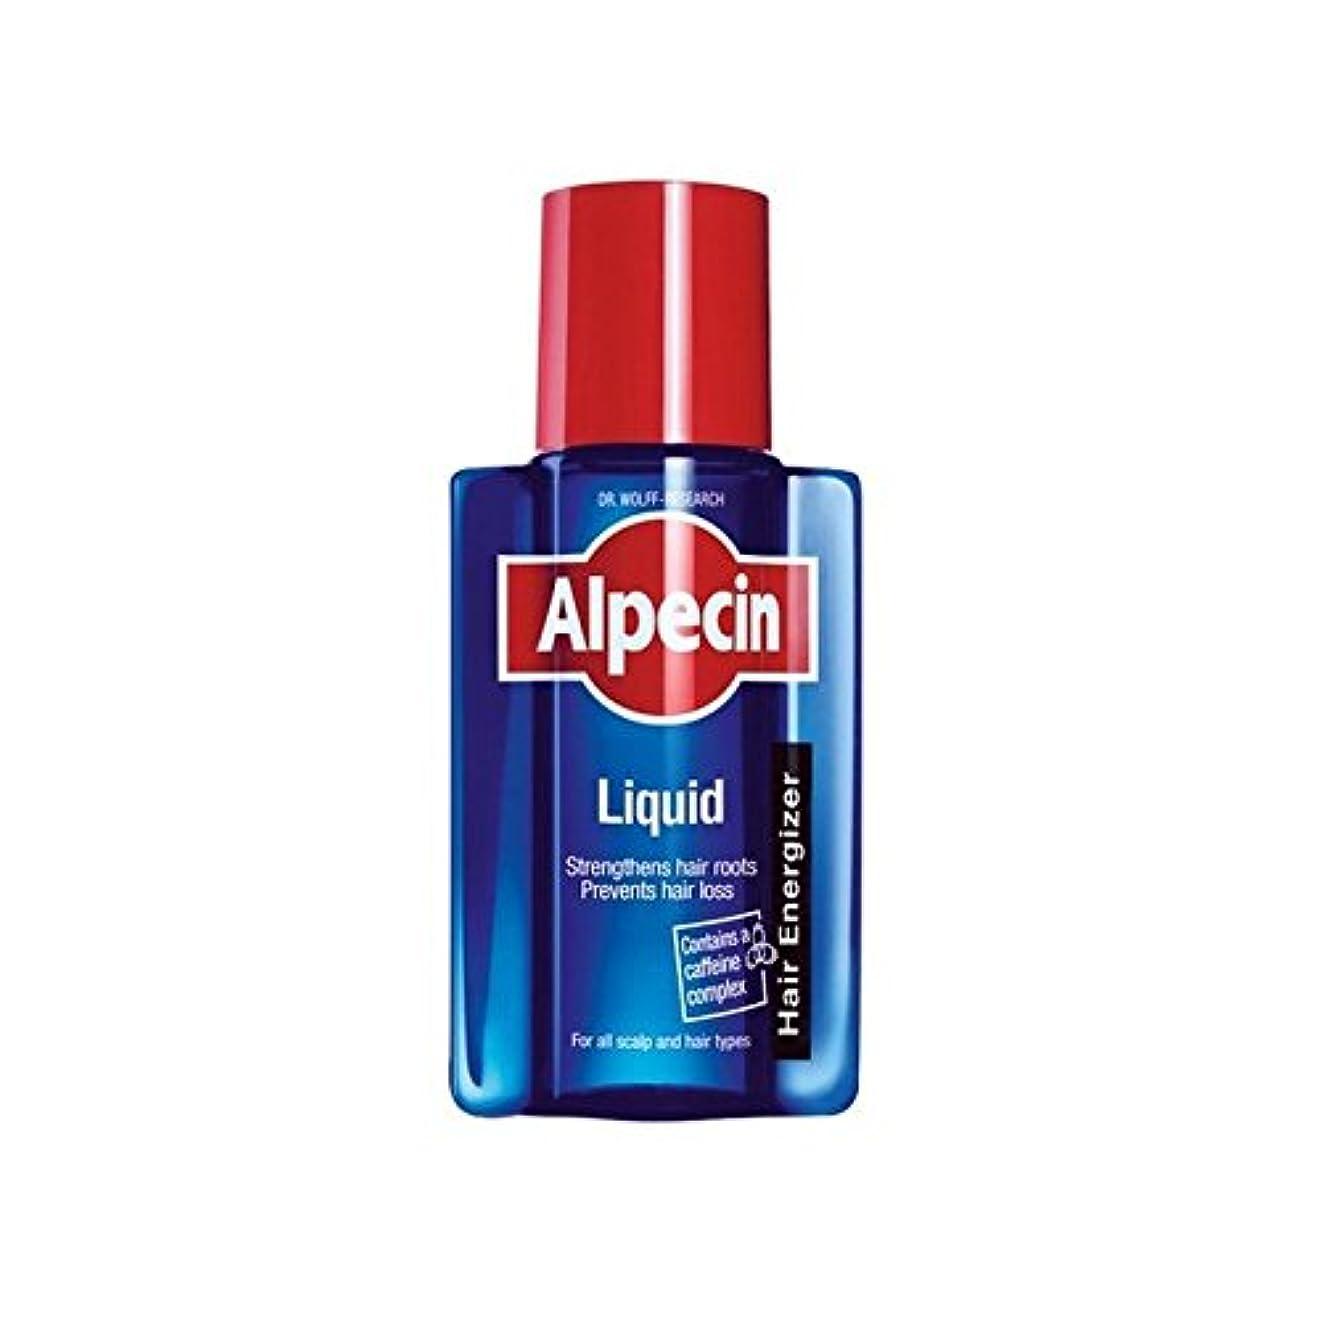 テレビ絶対のママAlpecin Liquid (200ml) - 液体(200)中 [並行輸入品]